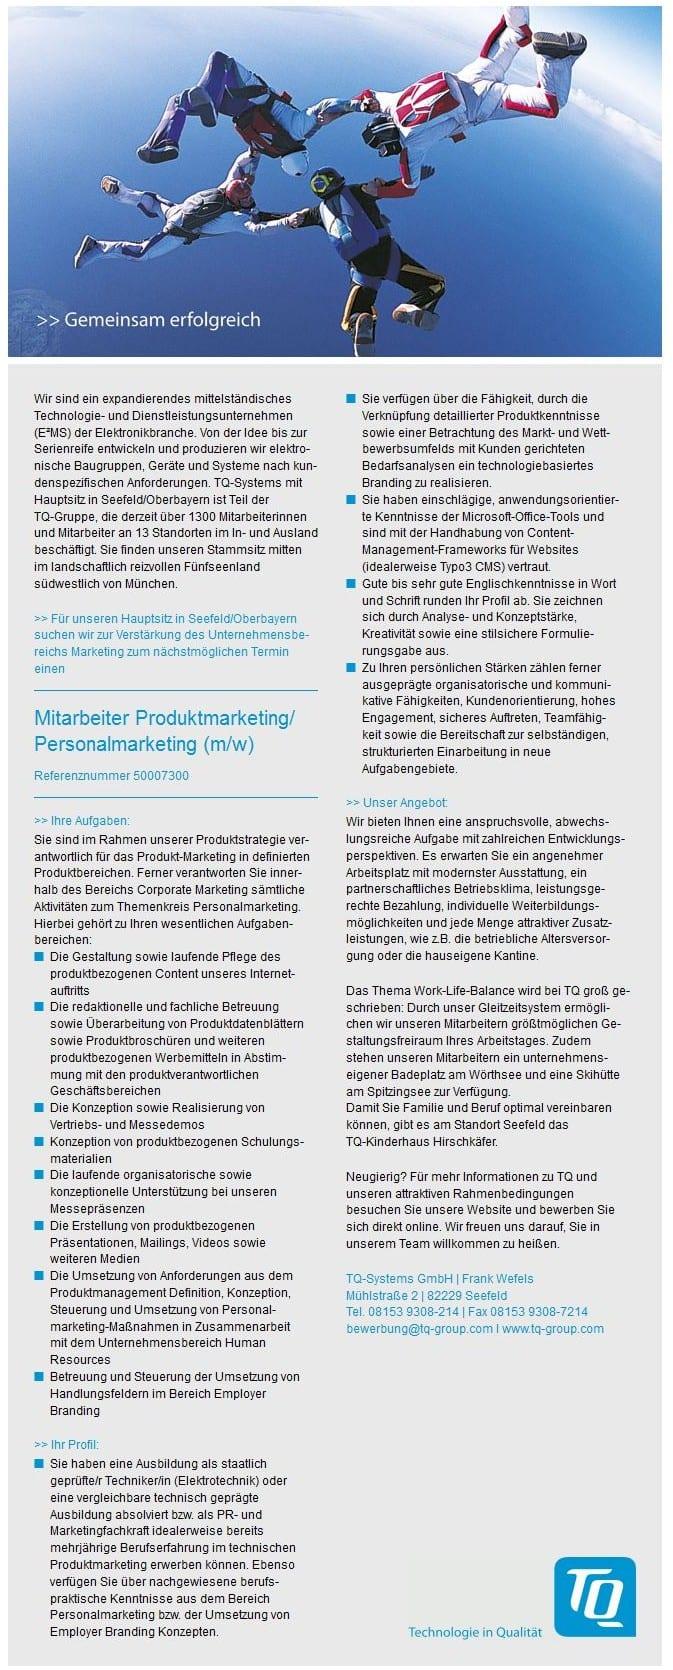 Stellenanzeige: Mitarbeiter Produktmarketing oder Personalmarketing oder beides